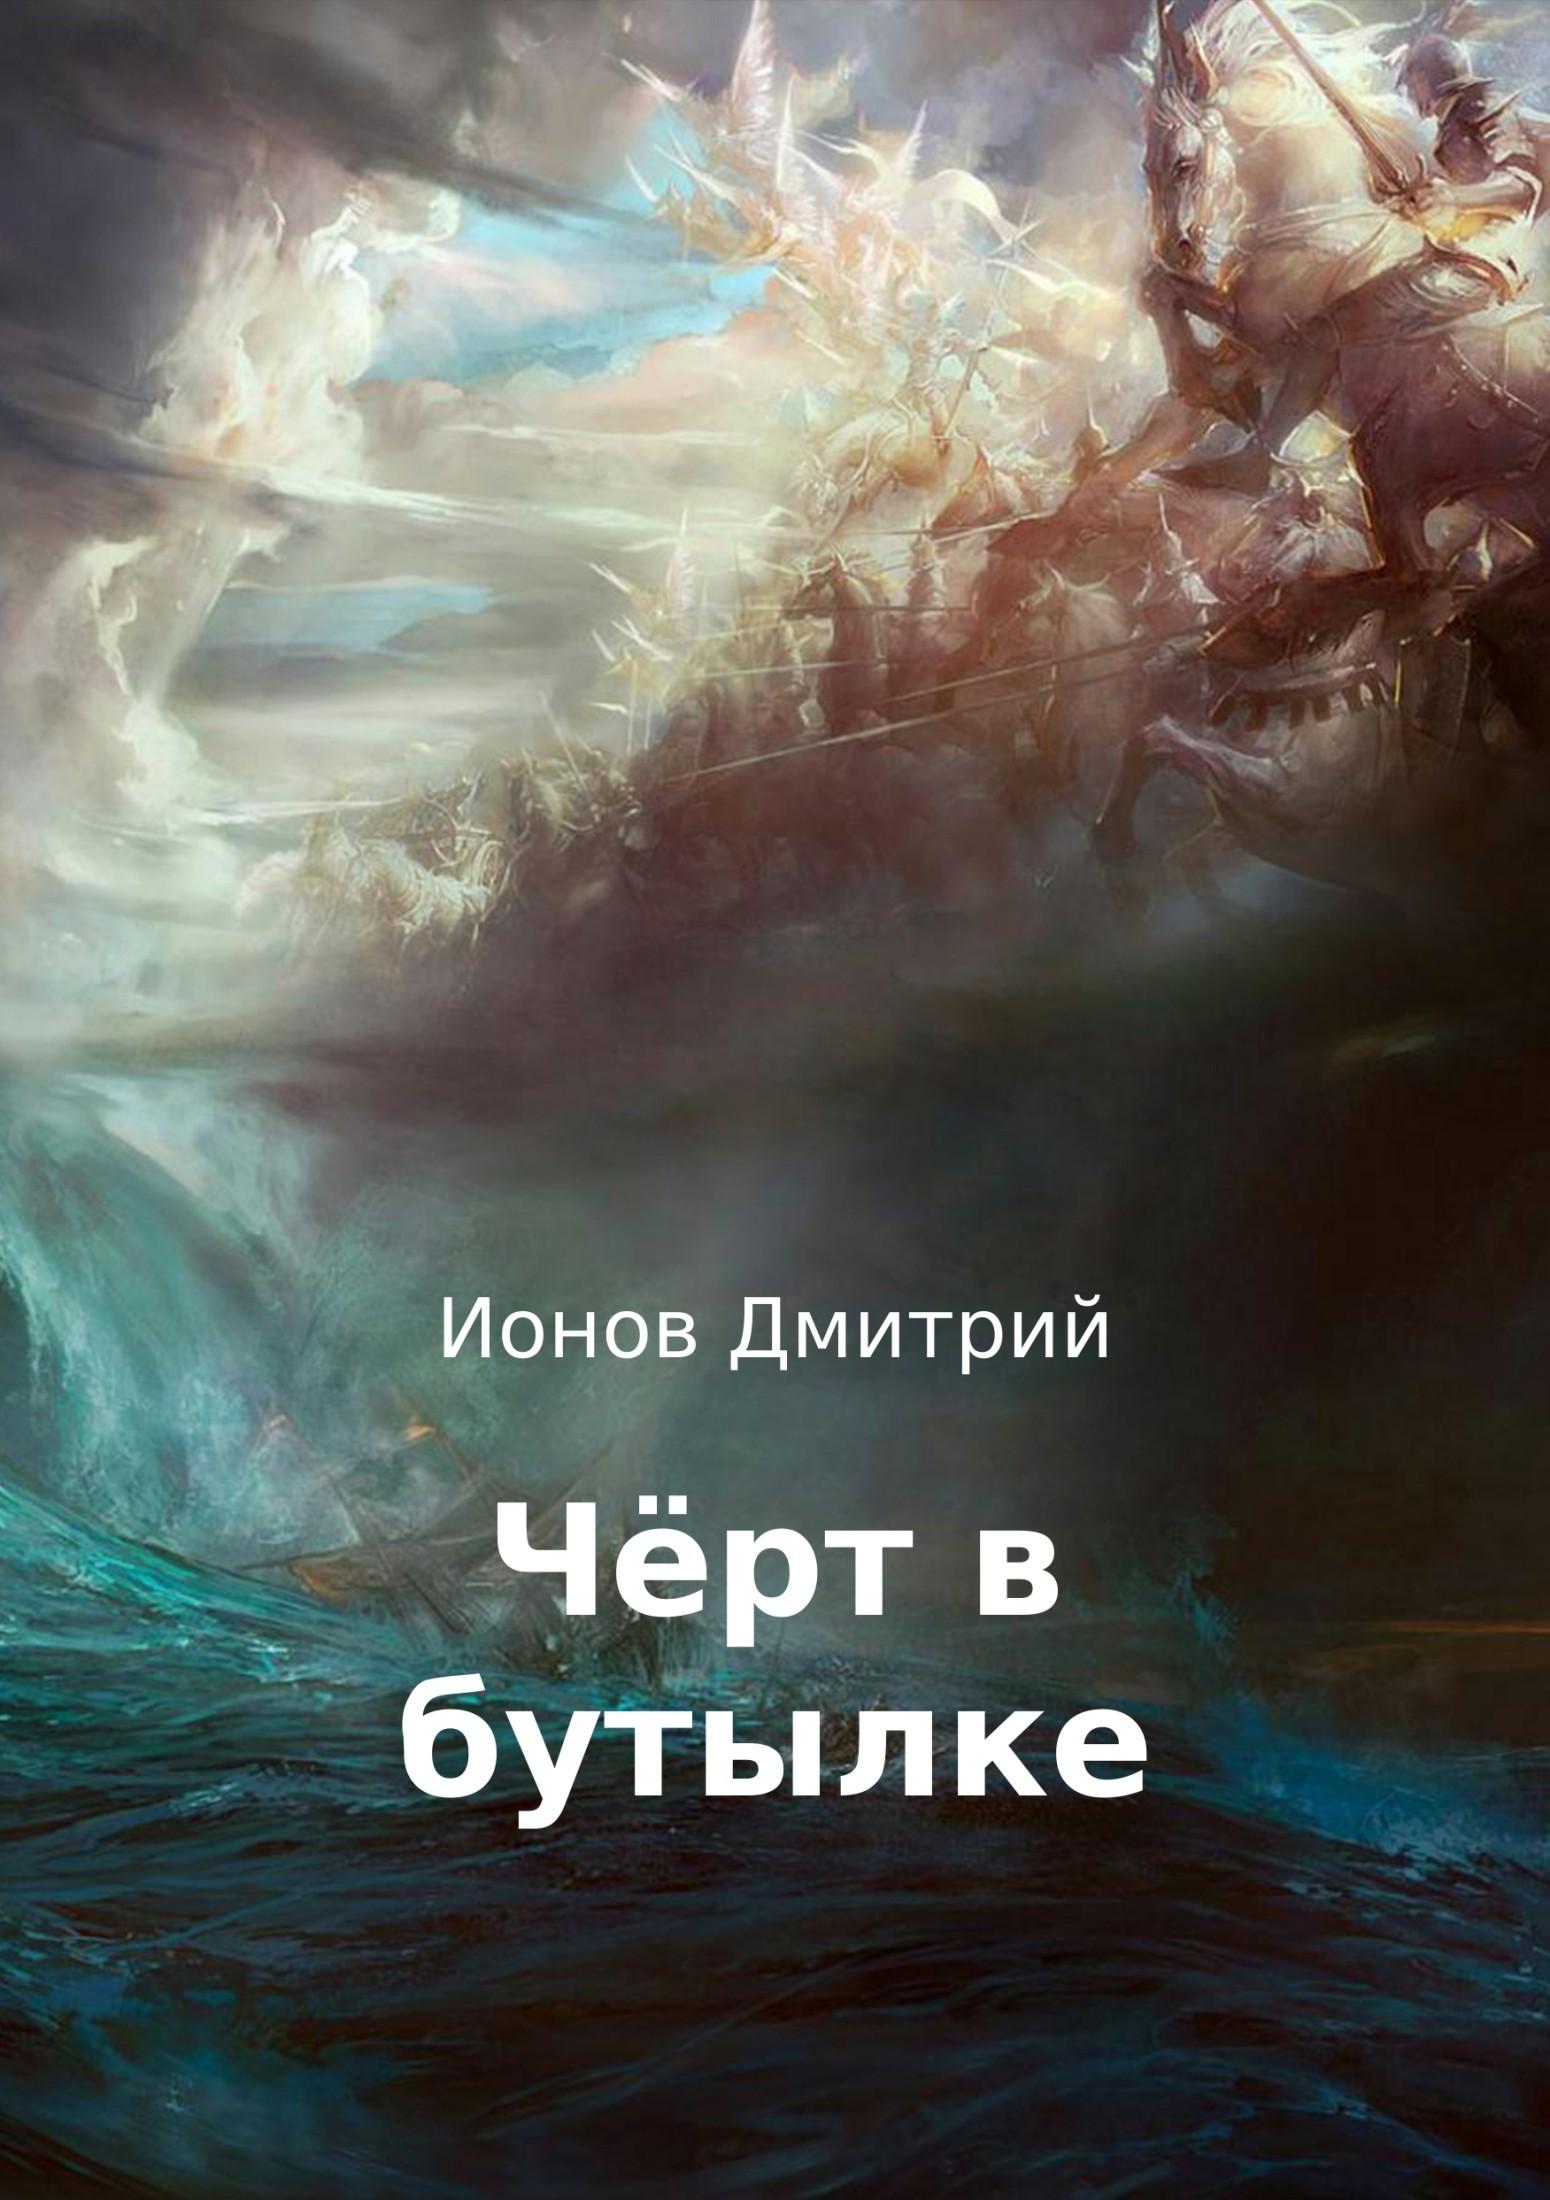 Дмитрий Сергеевич Ионов Чёрт в бутылке. Рассказ цена